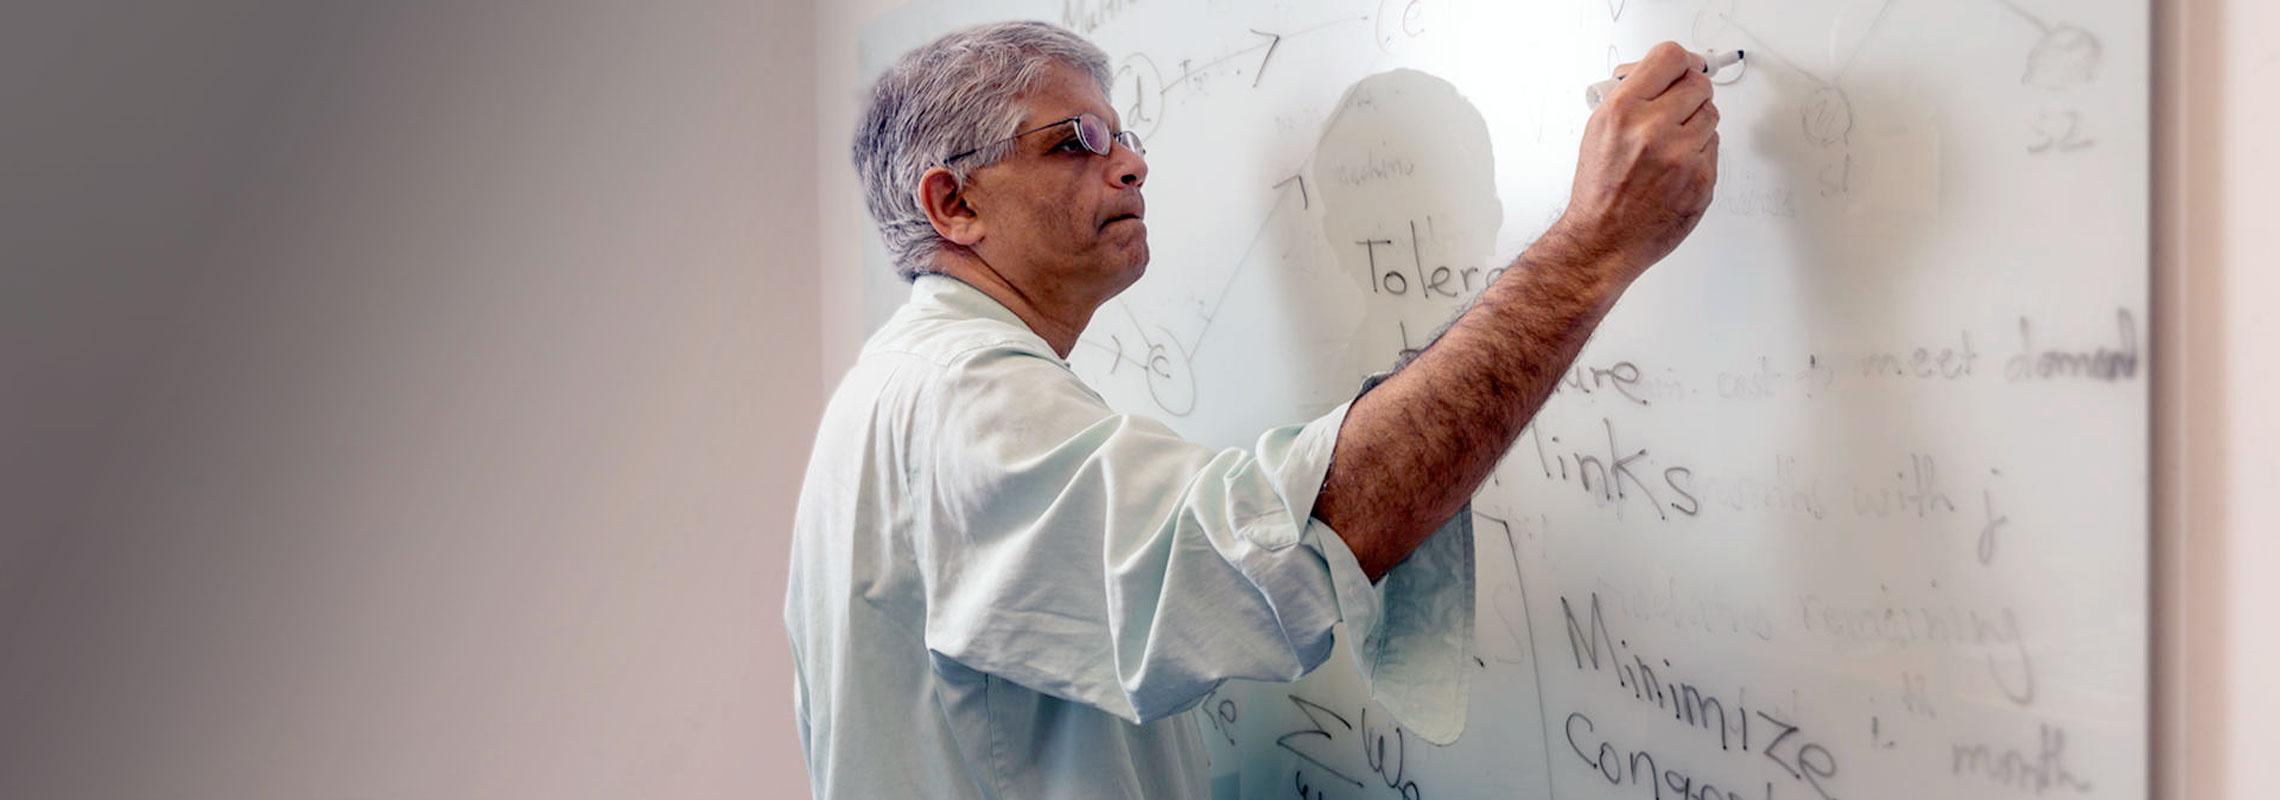 Ramesh Sitaraman at whiteboard